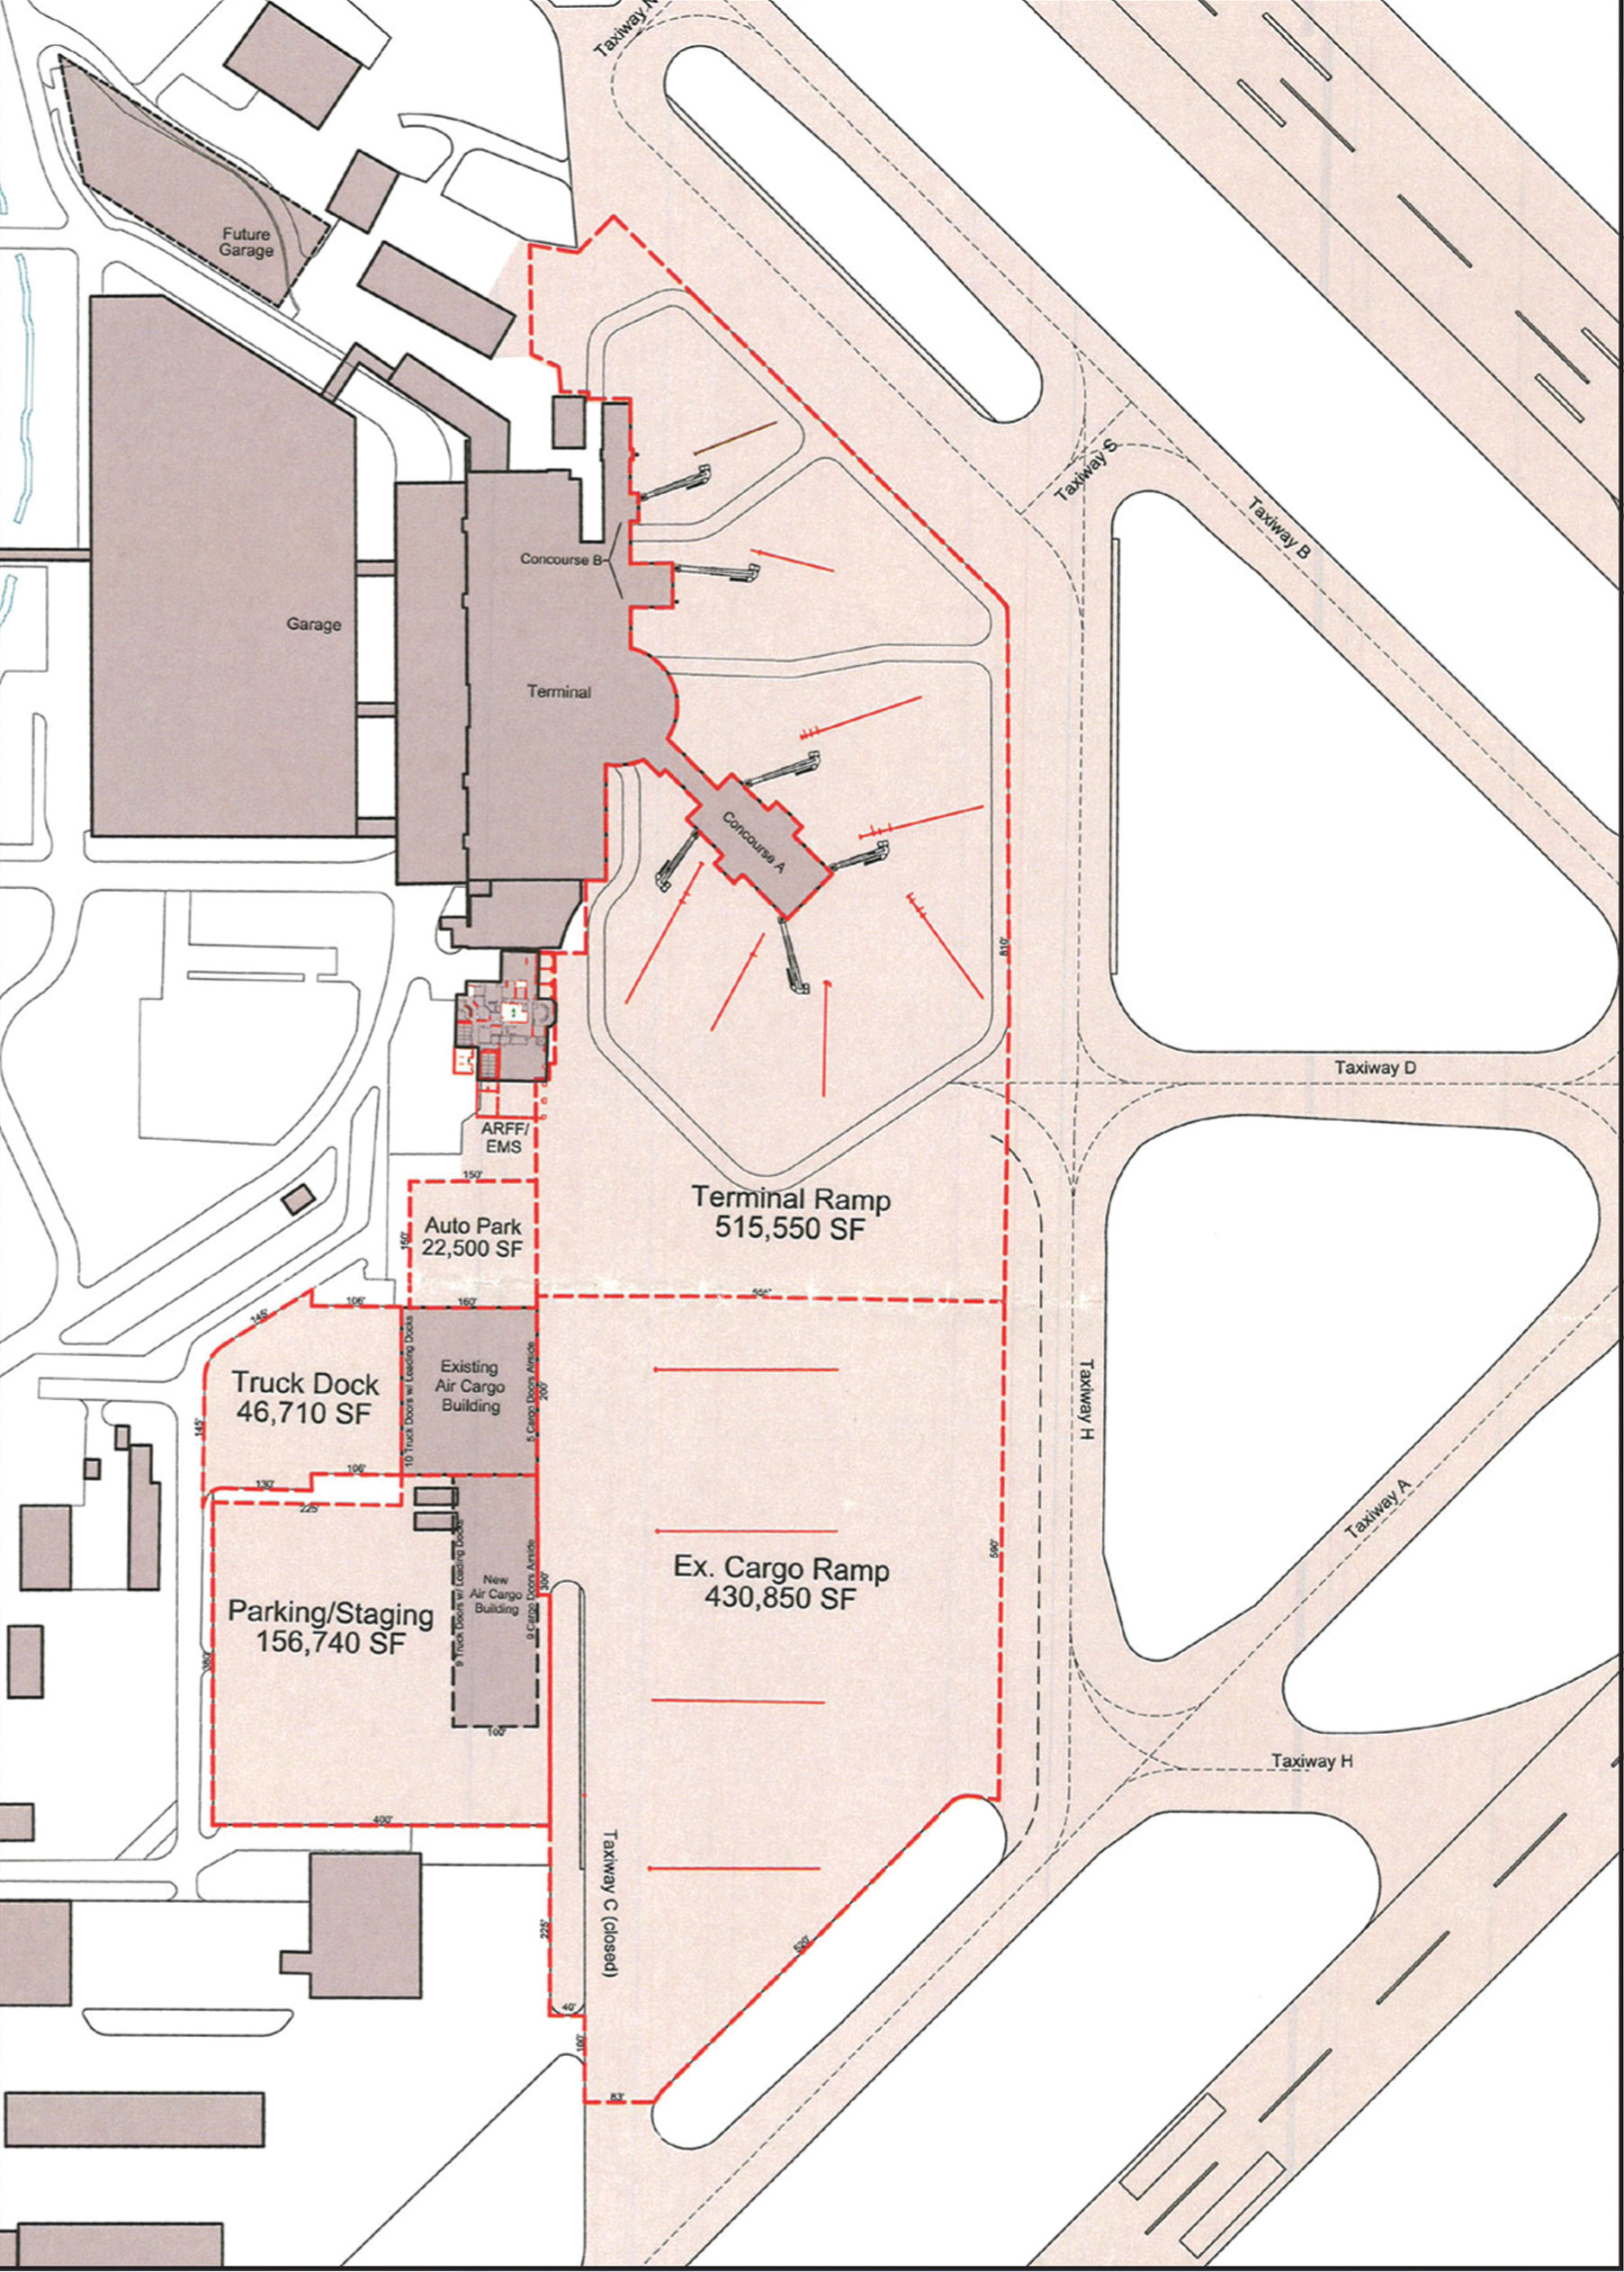 Air Cargo Complex